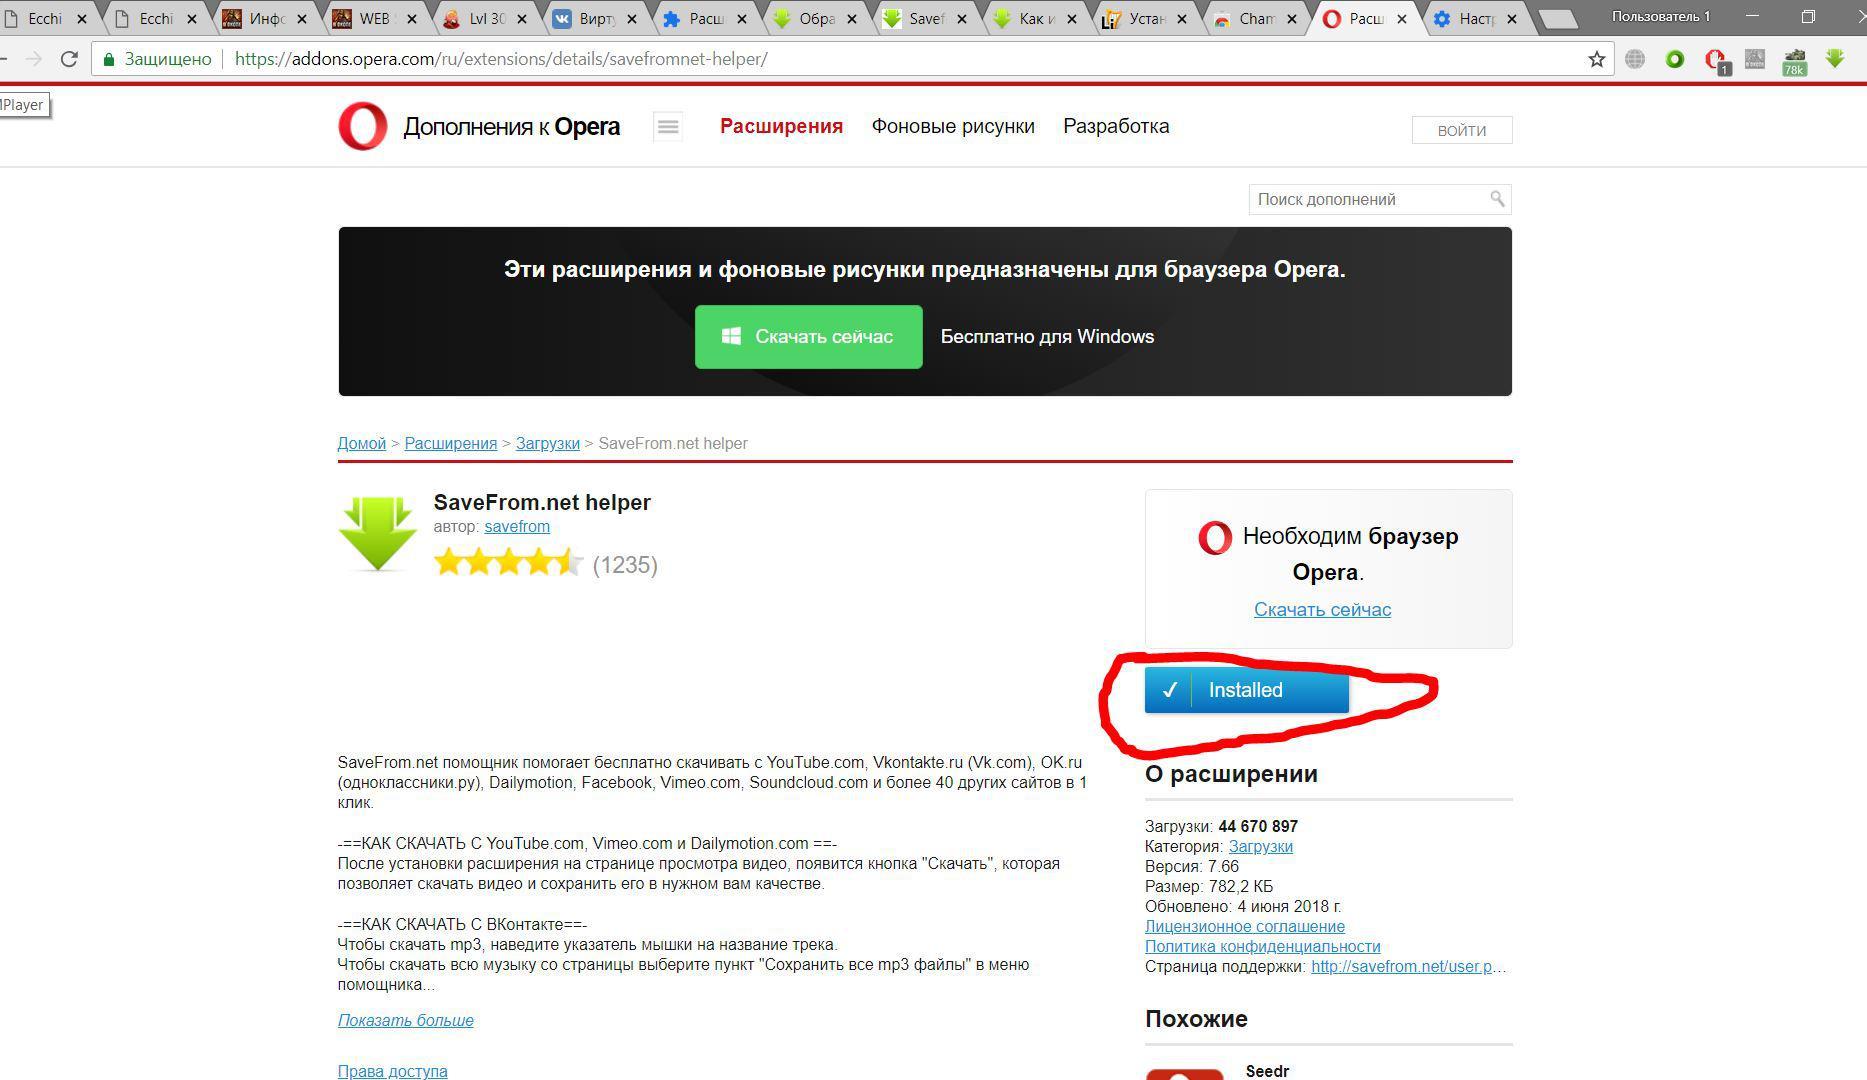 Способ установки расширения SaveFrom net в Google Chrome / Savefrom